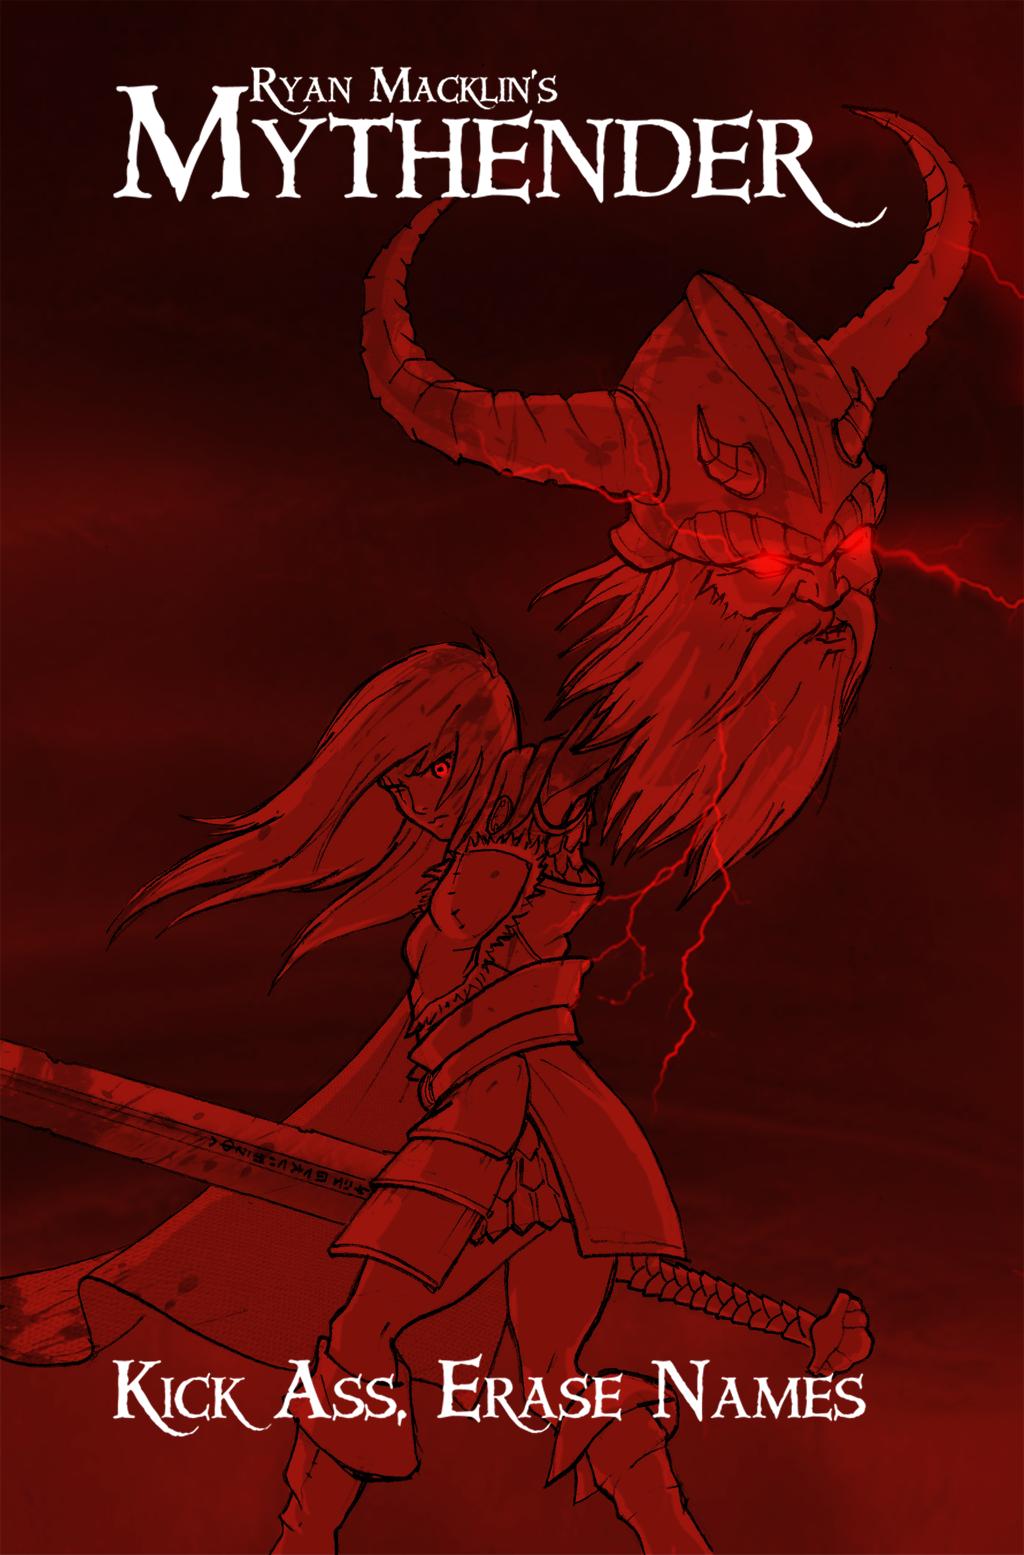 El Descanso del Escriba: Mythender,el RPG gratuito de matar dioses